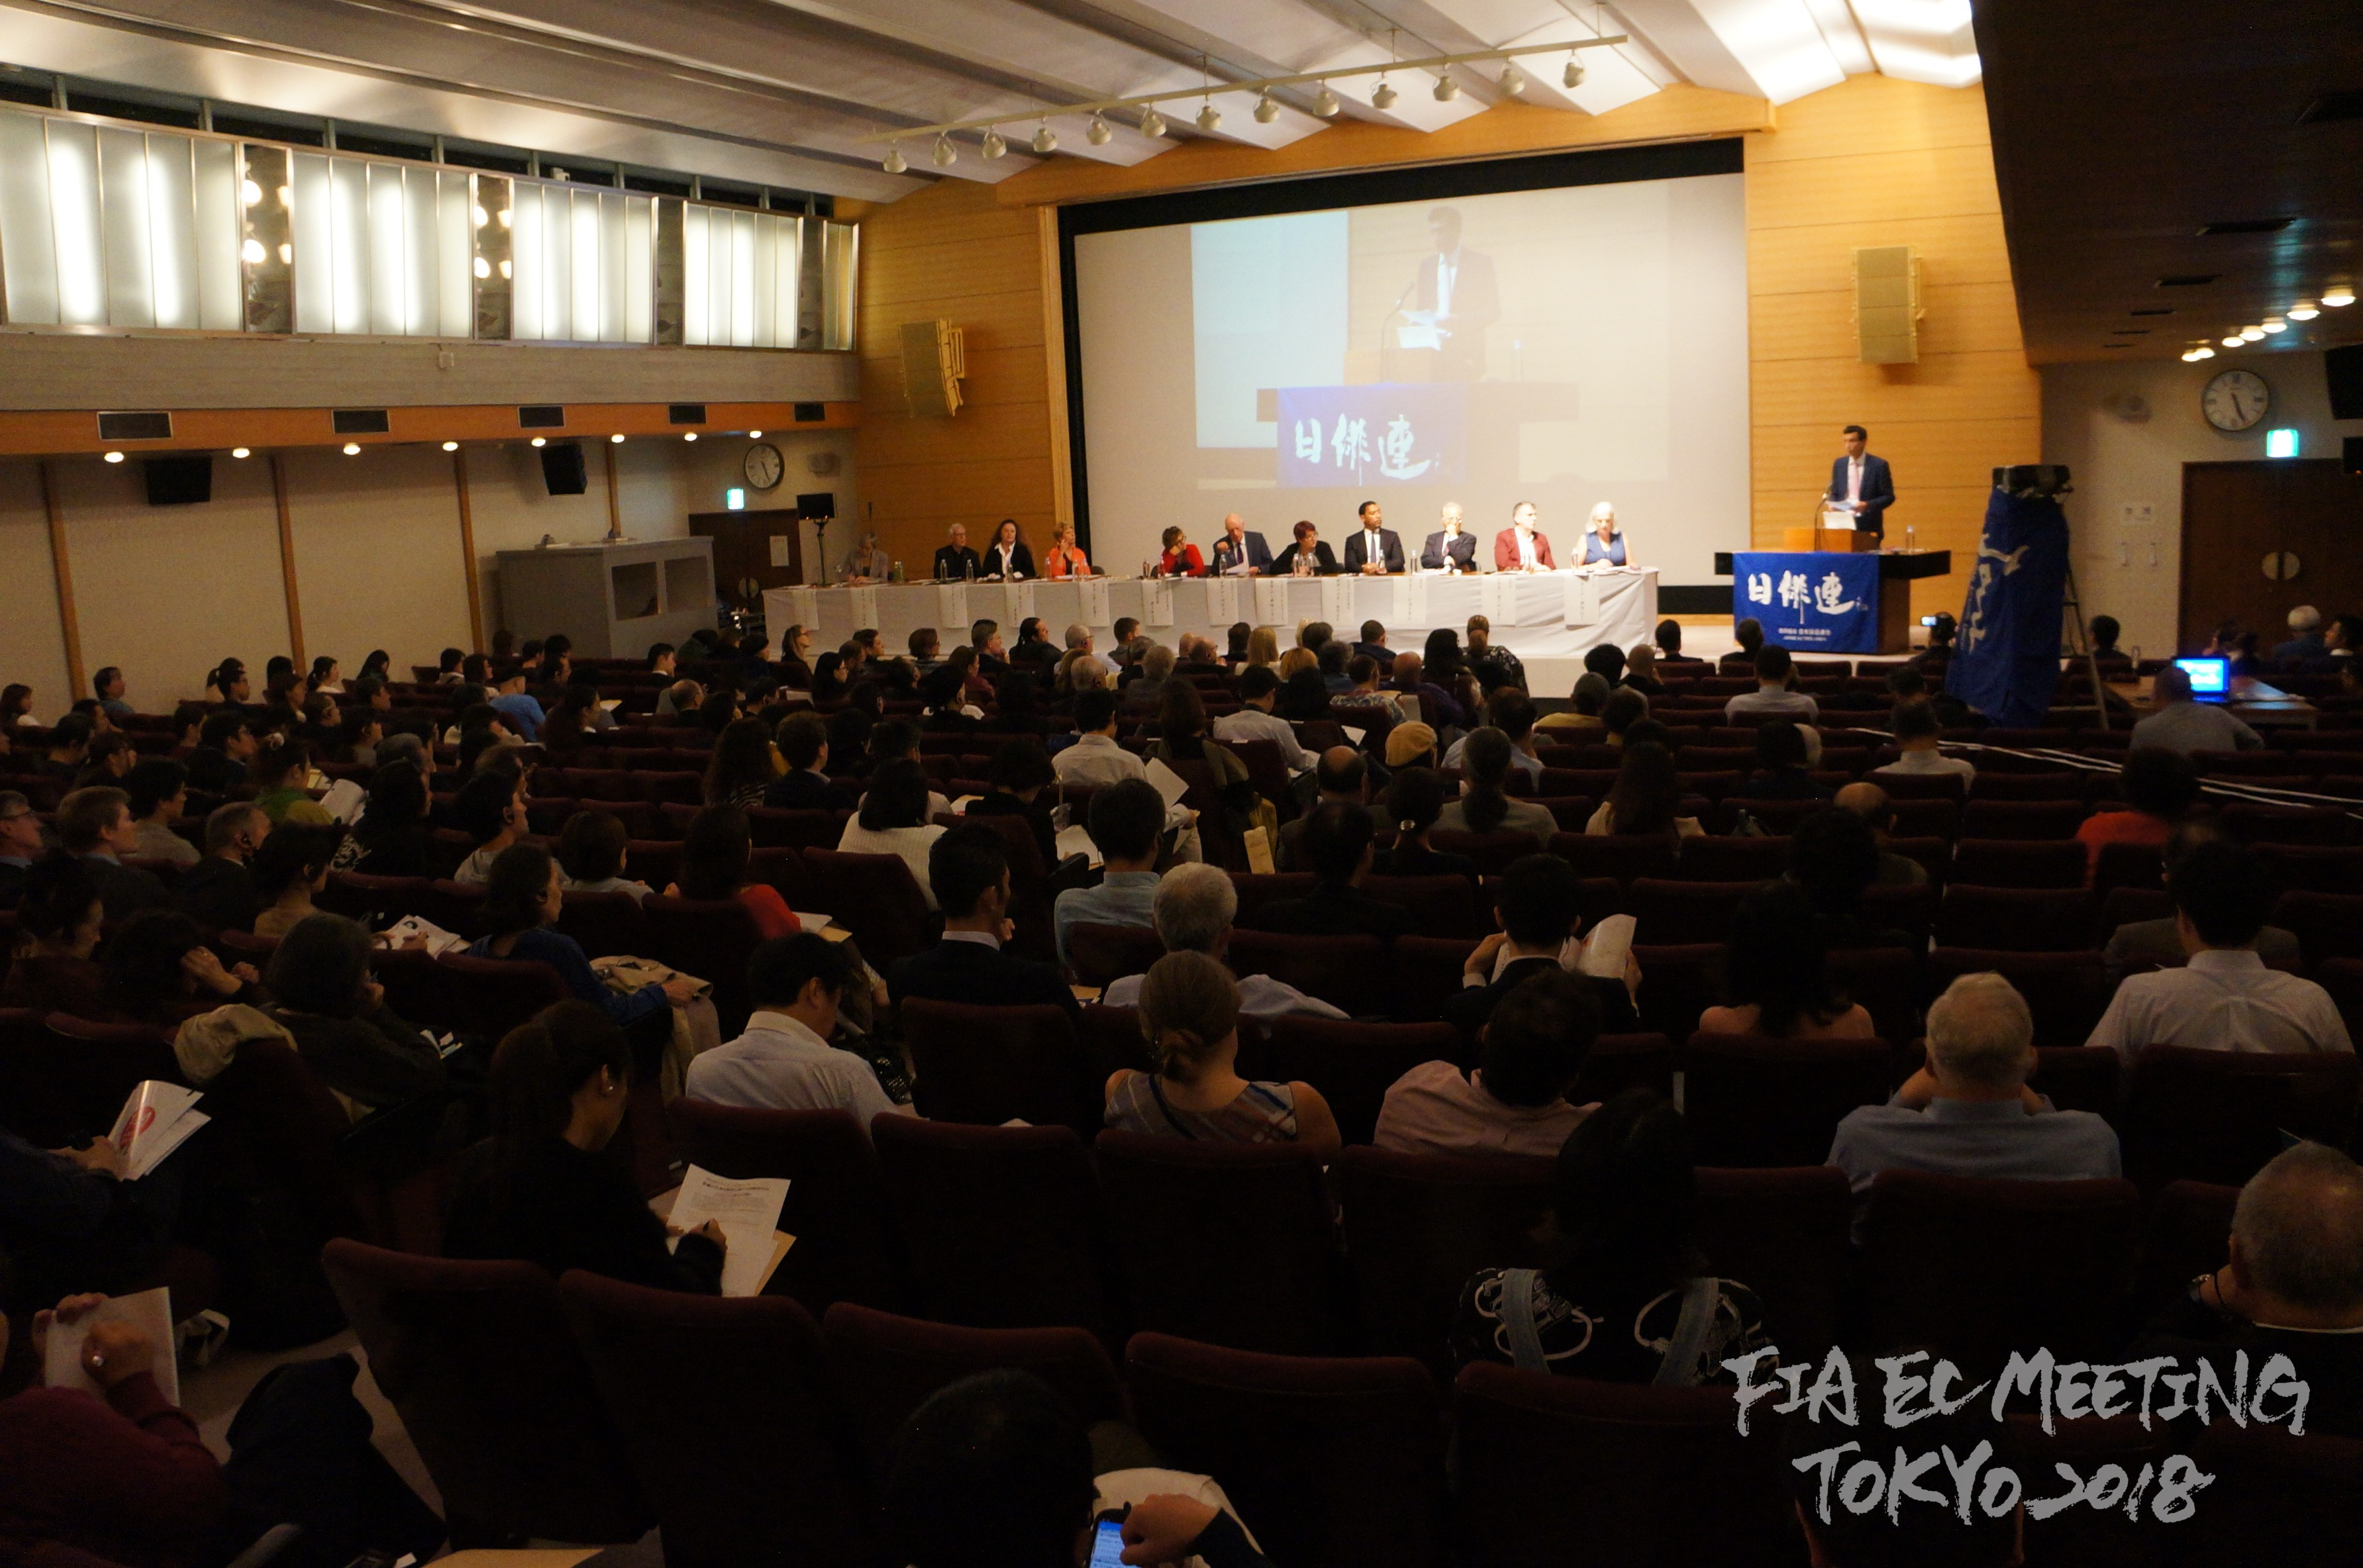 国際俳優連合[FIA]・日本俳優連合[JAU]共催 シンポジウム 『俳優の仕事と地位に関する国際間対話』映像資料を公開いたしました。